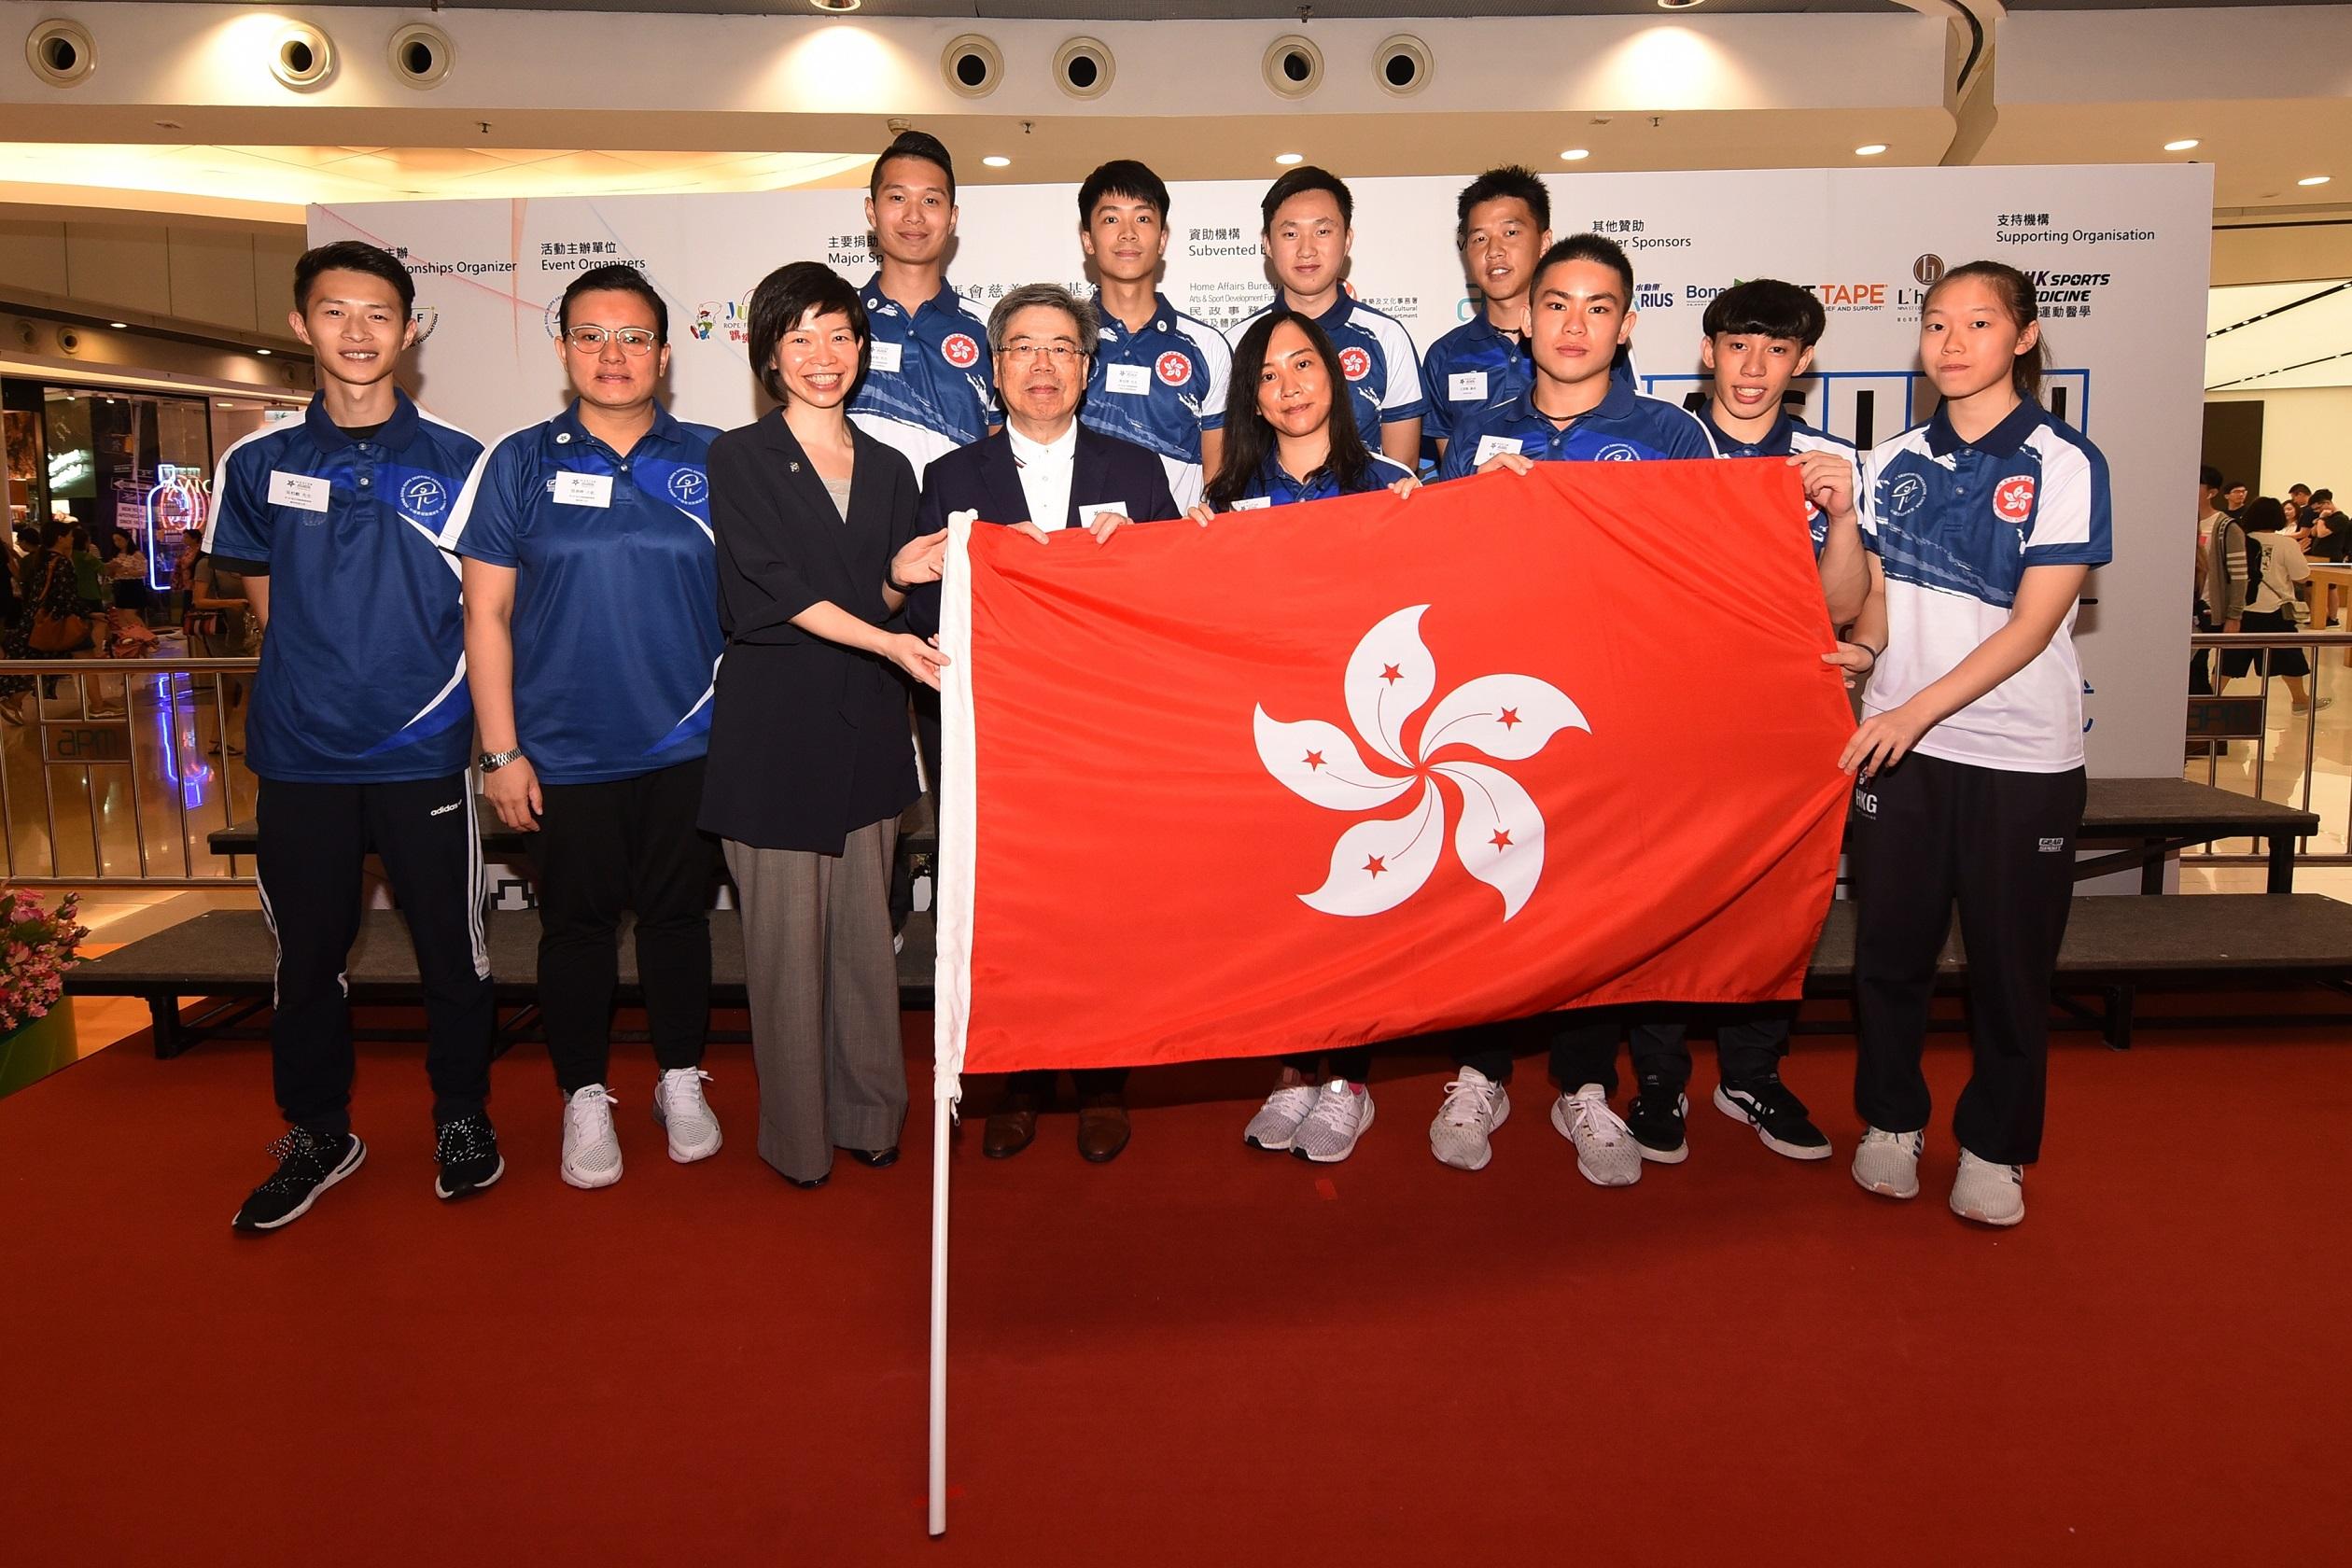 今舉行亞洲跳繩錦標賽授旗禮,為主場作戰的港將打氣。相片由公關提供